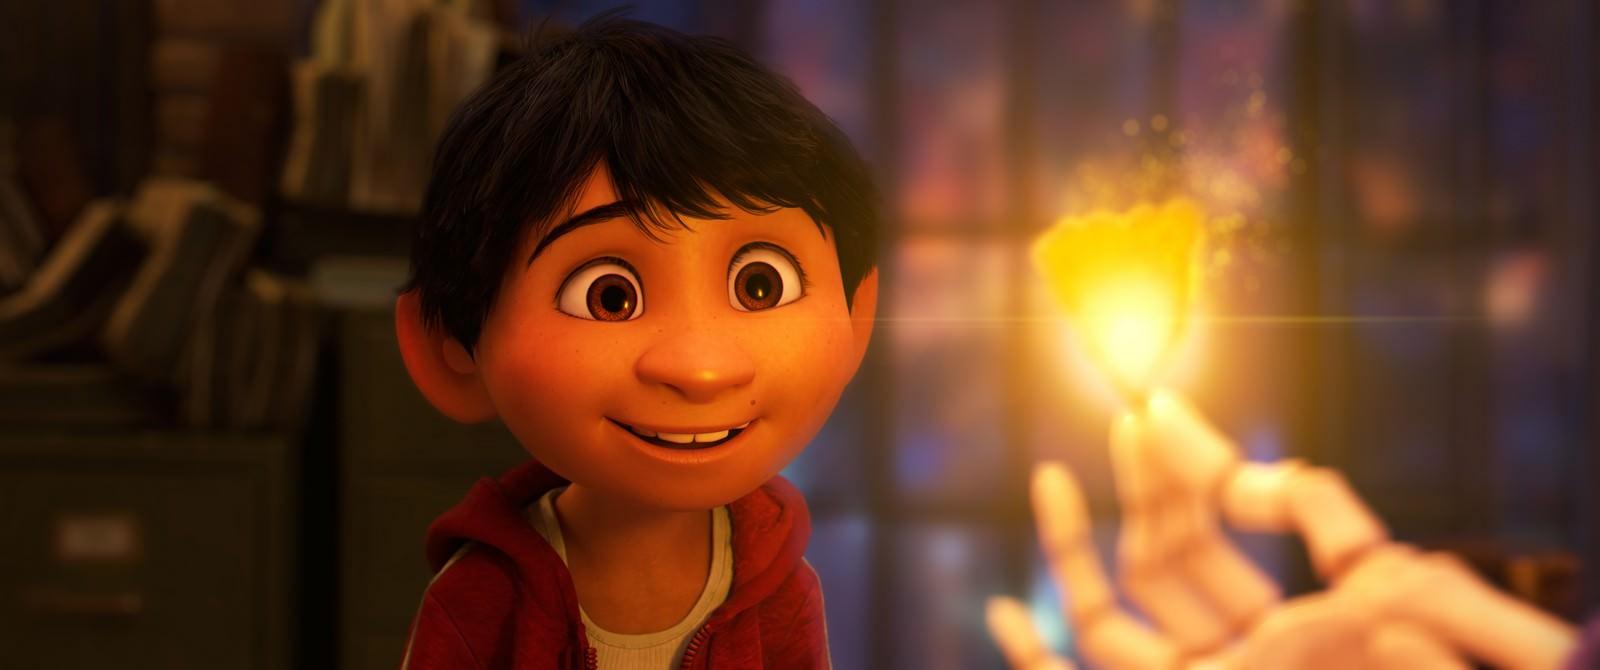 Movie, Coco(美國, 2017年) / 可可夜總會(台灣) / 寻梦环游记(中國) / 玩轉極樂園(香港), 電影劇照, 角色與配音卡司介紹